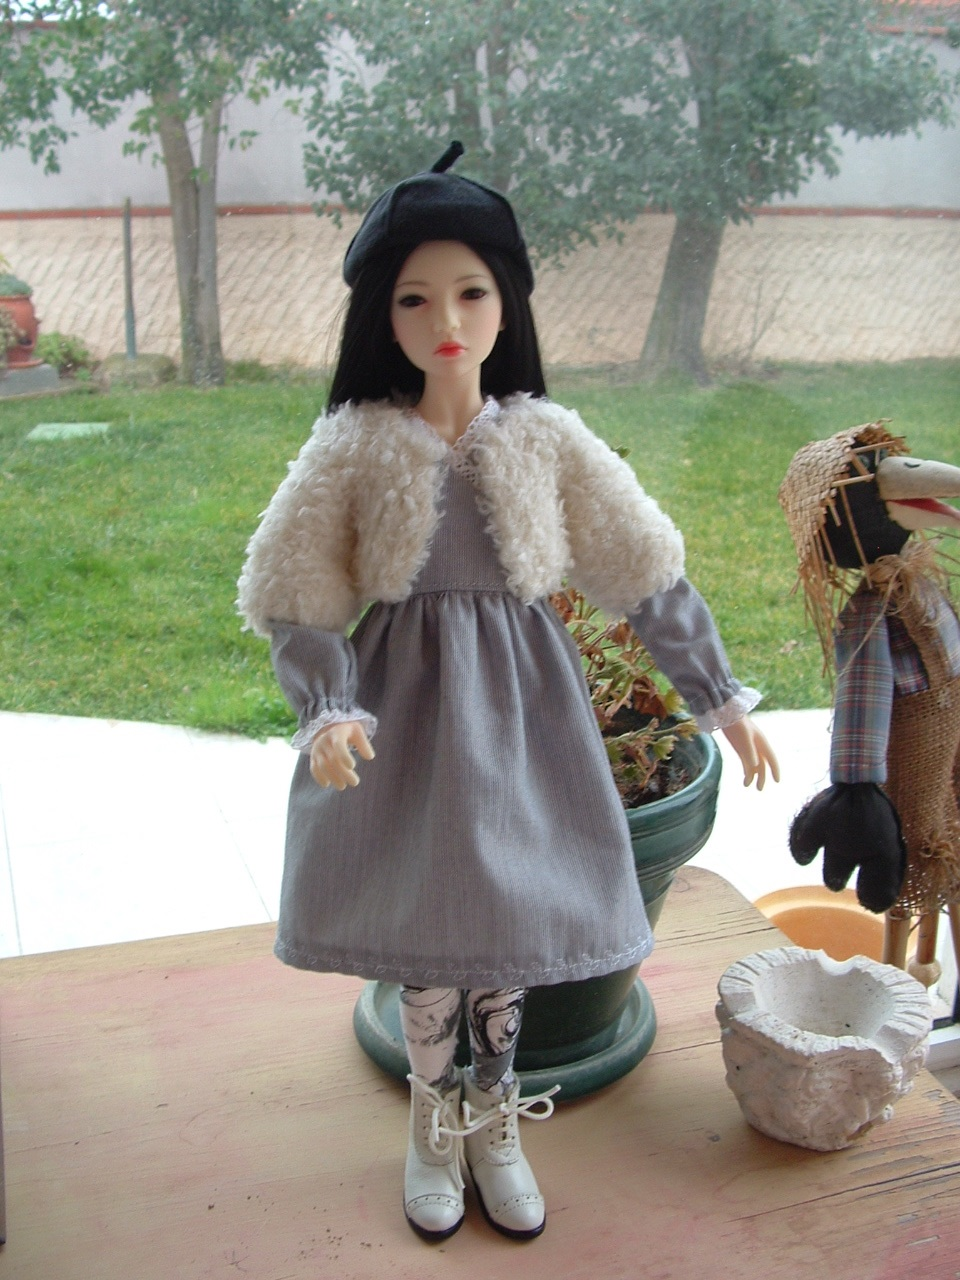 Je vous présente Mitsuko, ma belle Asa - première robe p 2 - autre tenue p 3 - Page 2 Dscf0442